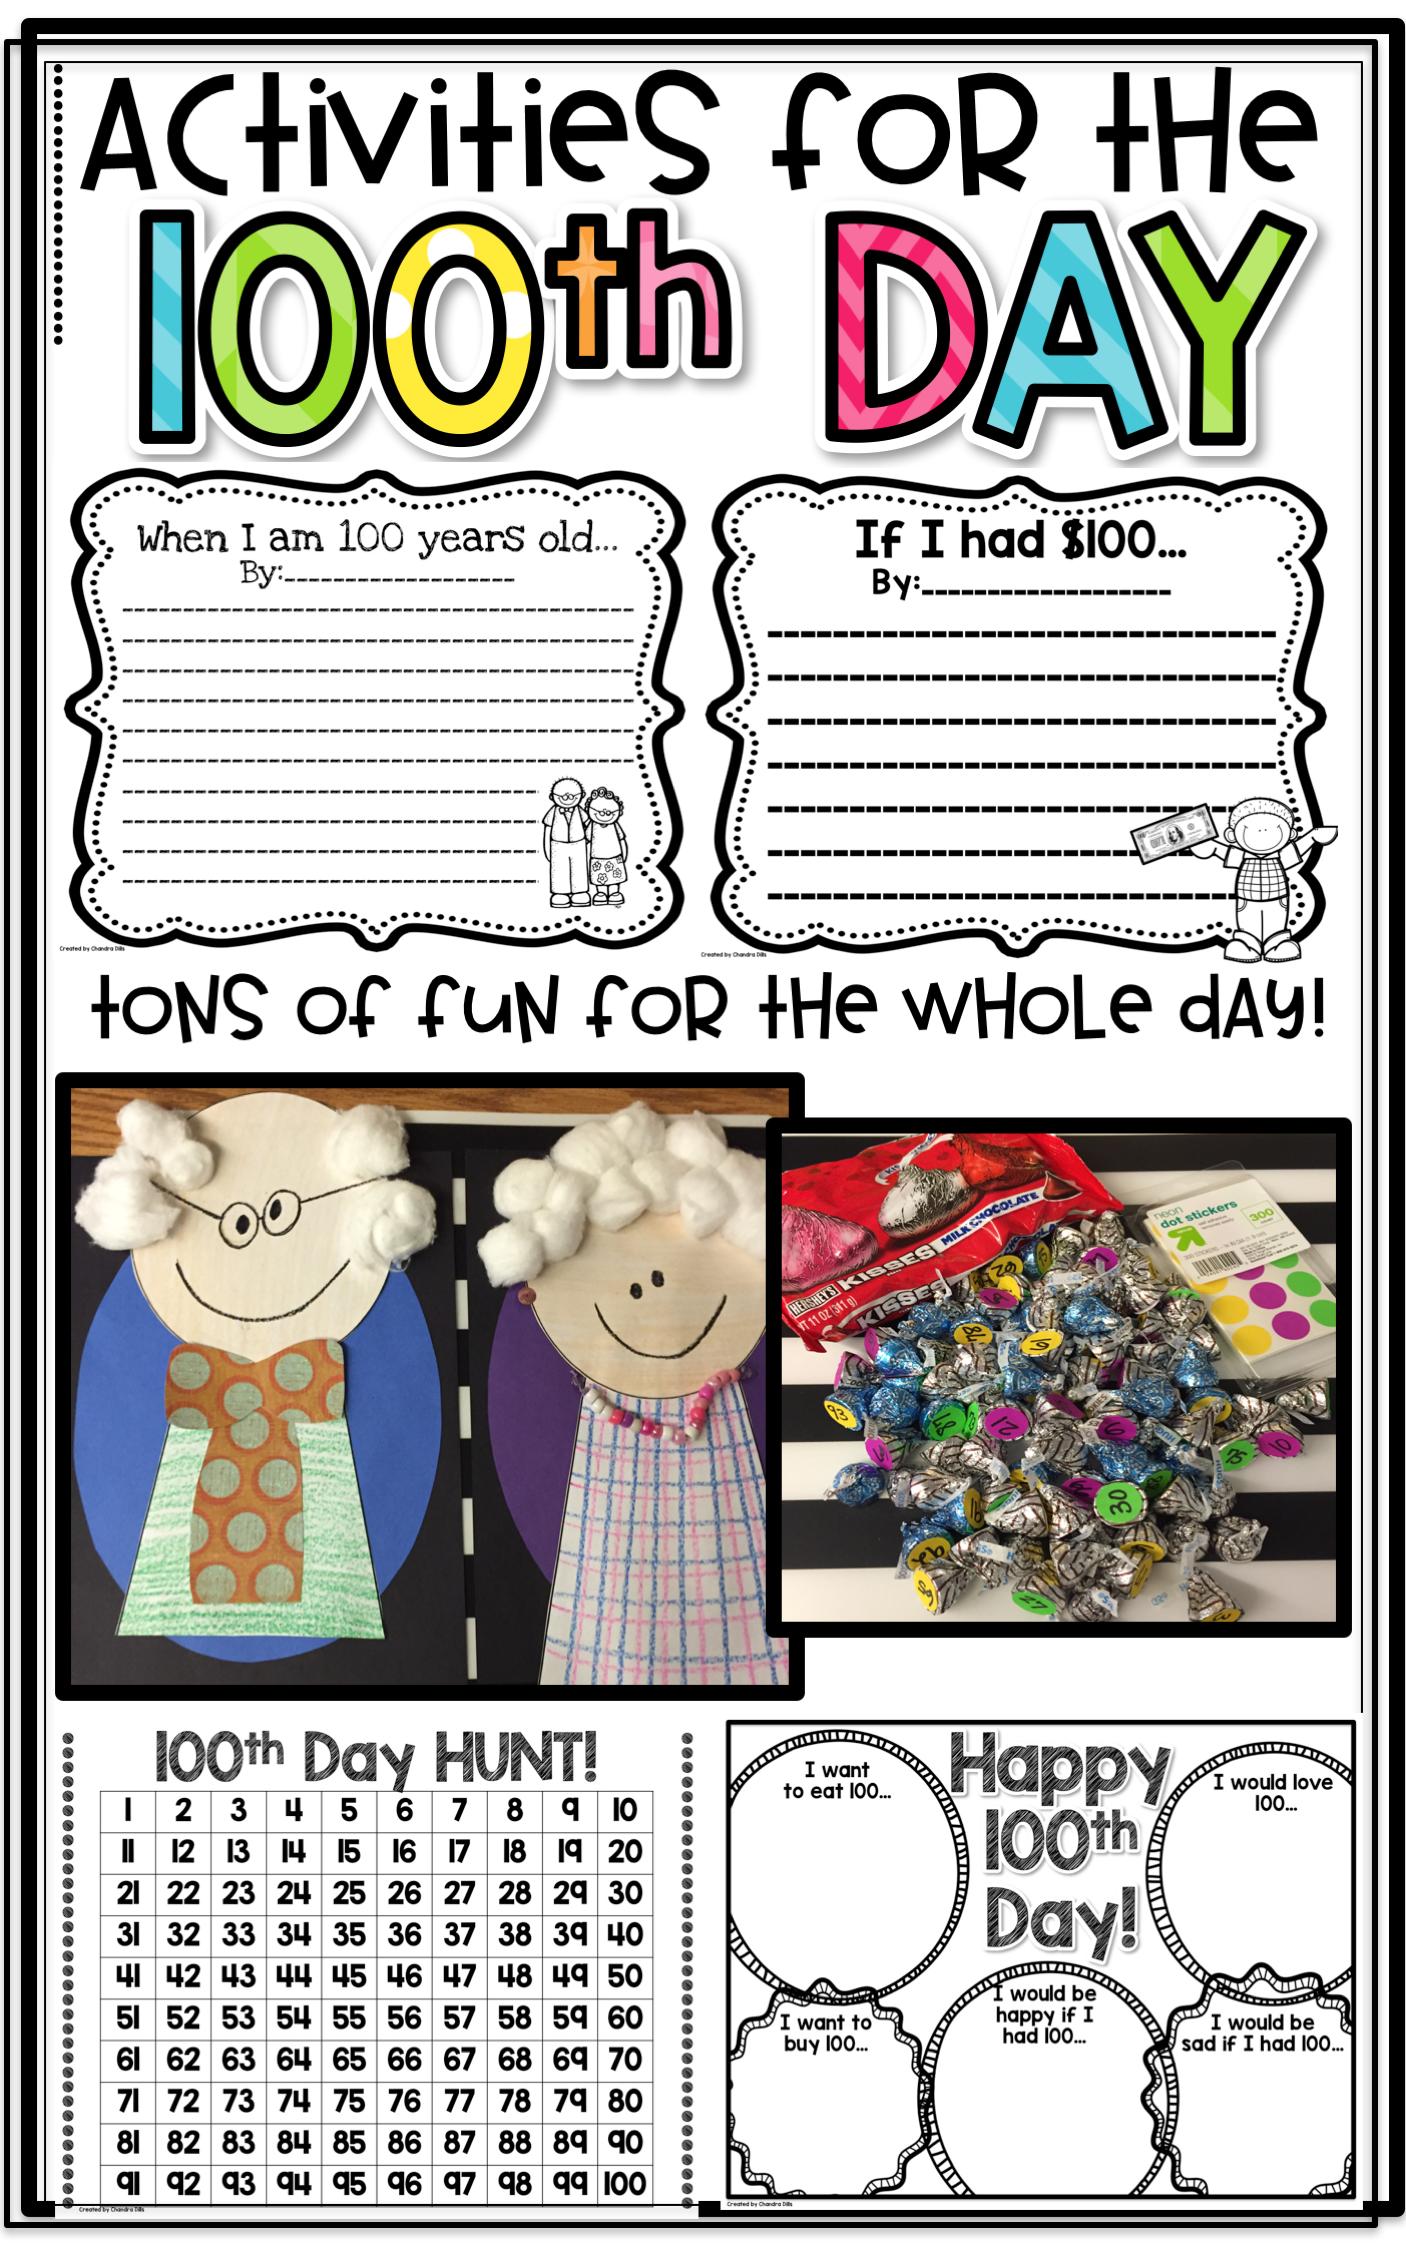 100th Day Fun